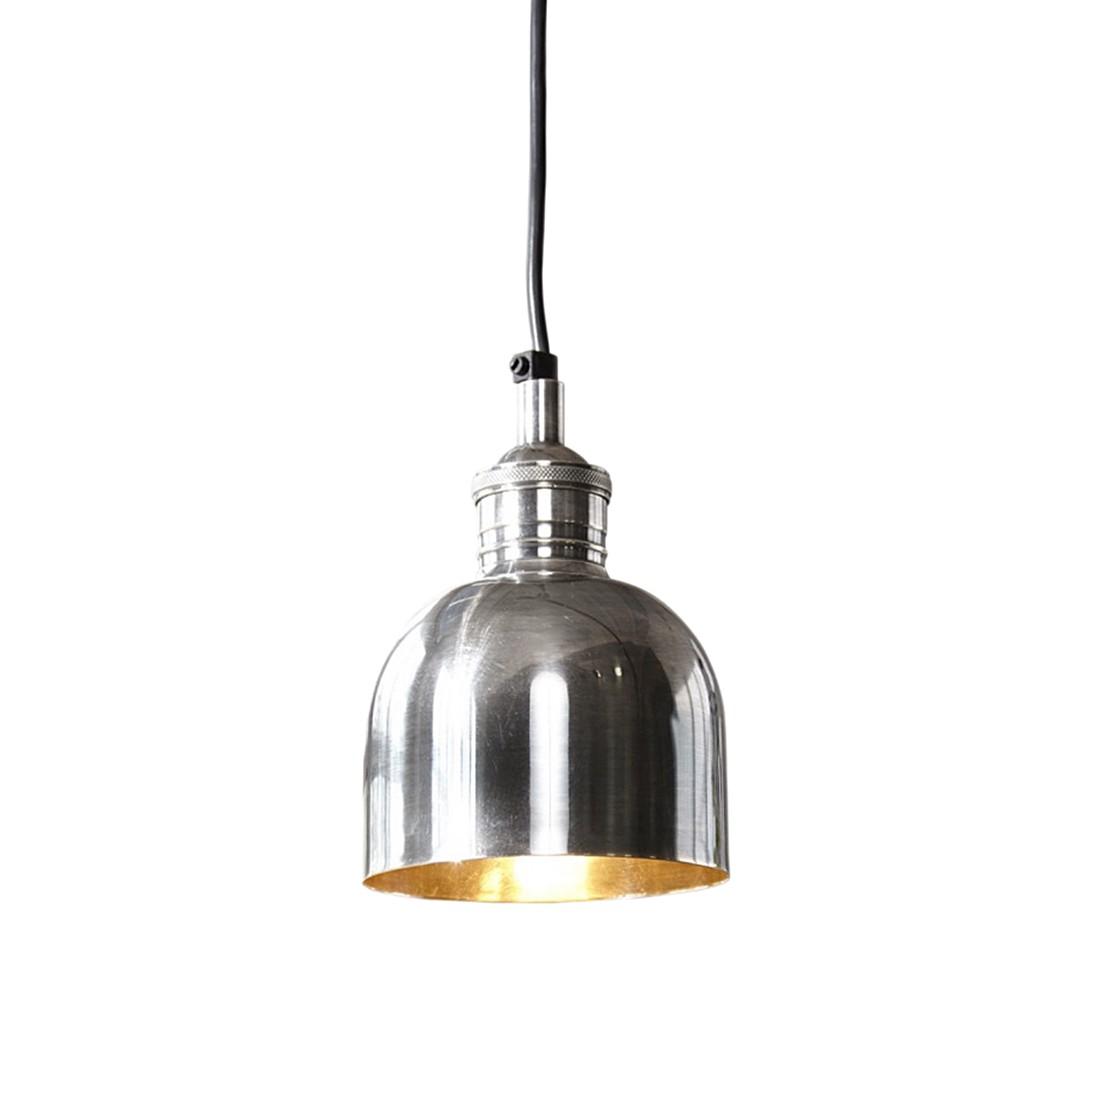 Indirekte Beleuchtung Holz Free Moderne In Wei Und Holz: Küchenlampe Indirektes Licht